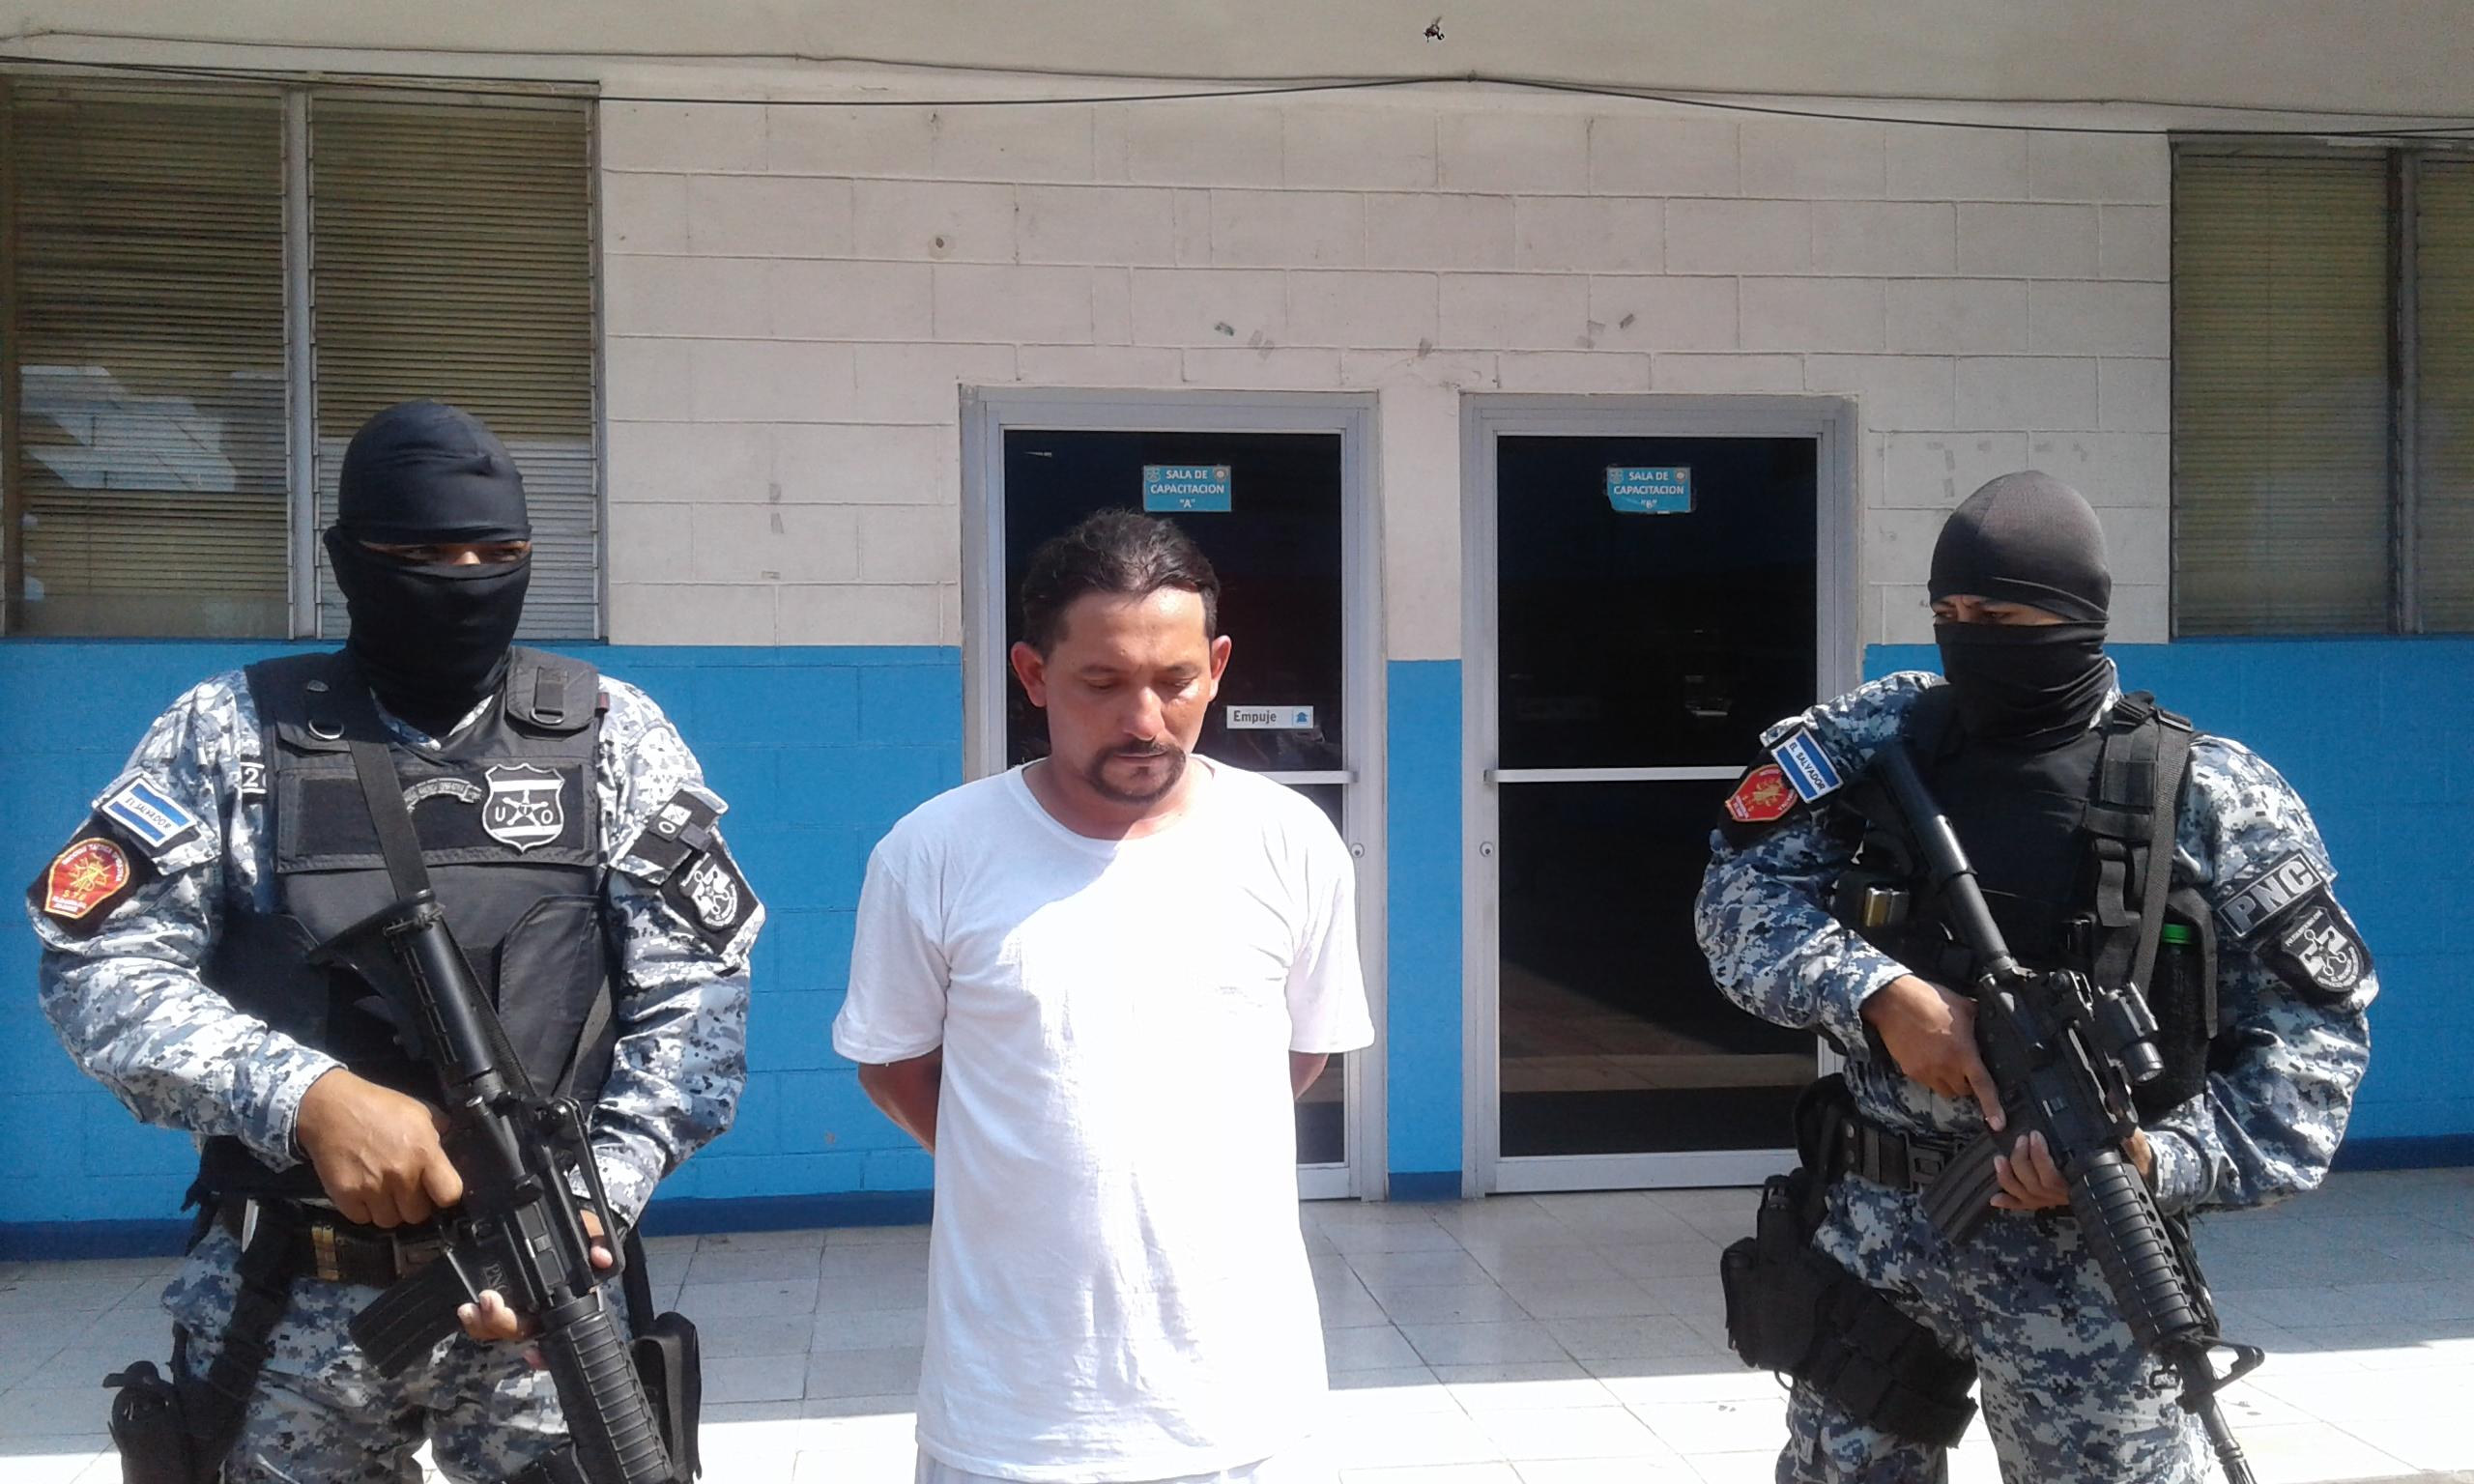 Capturan sujeto acusado de robar a bordo de una motocicleta en zonas aledañas al hospital San Juan de Dios